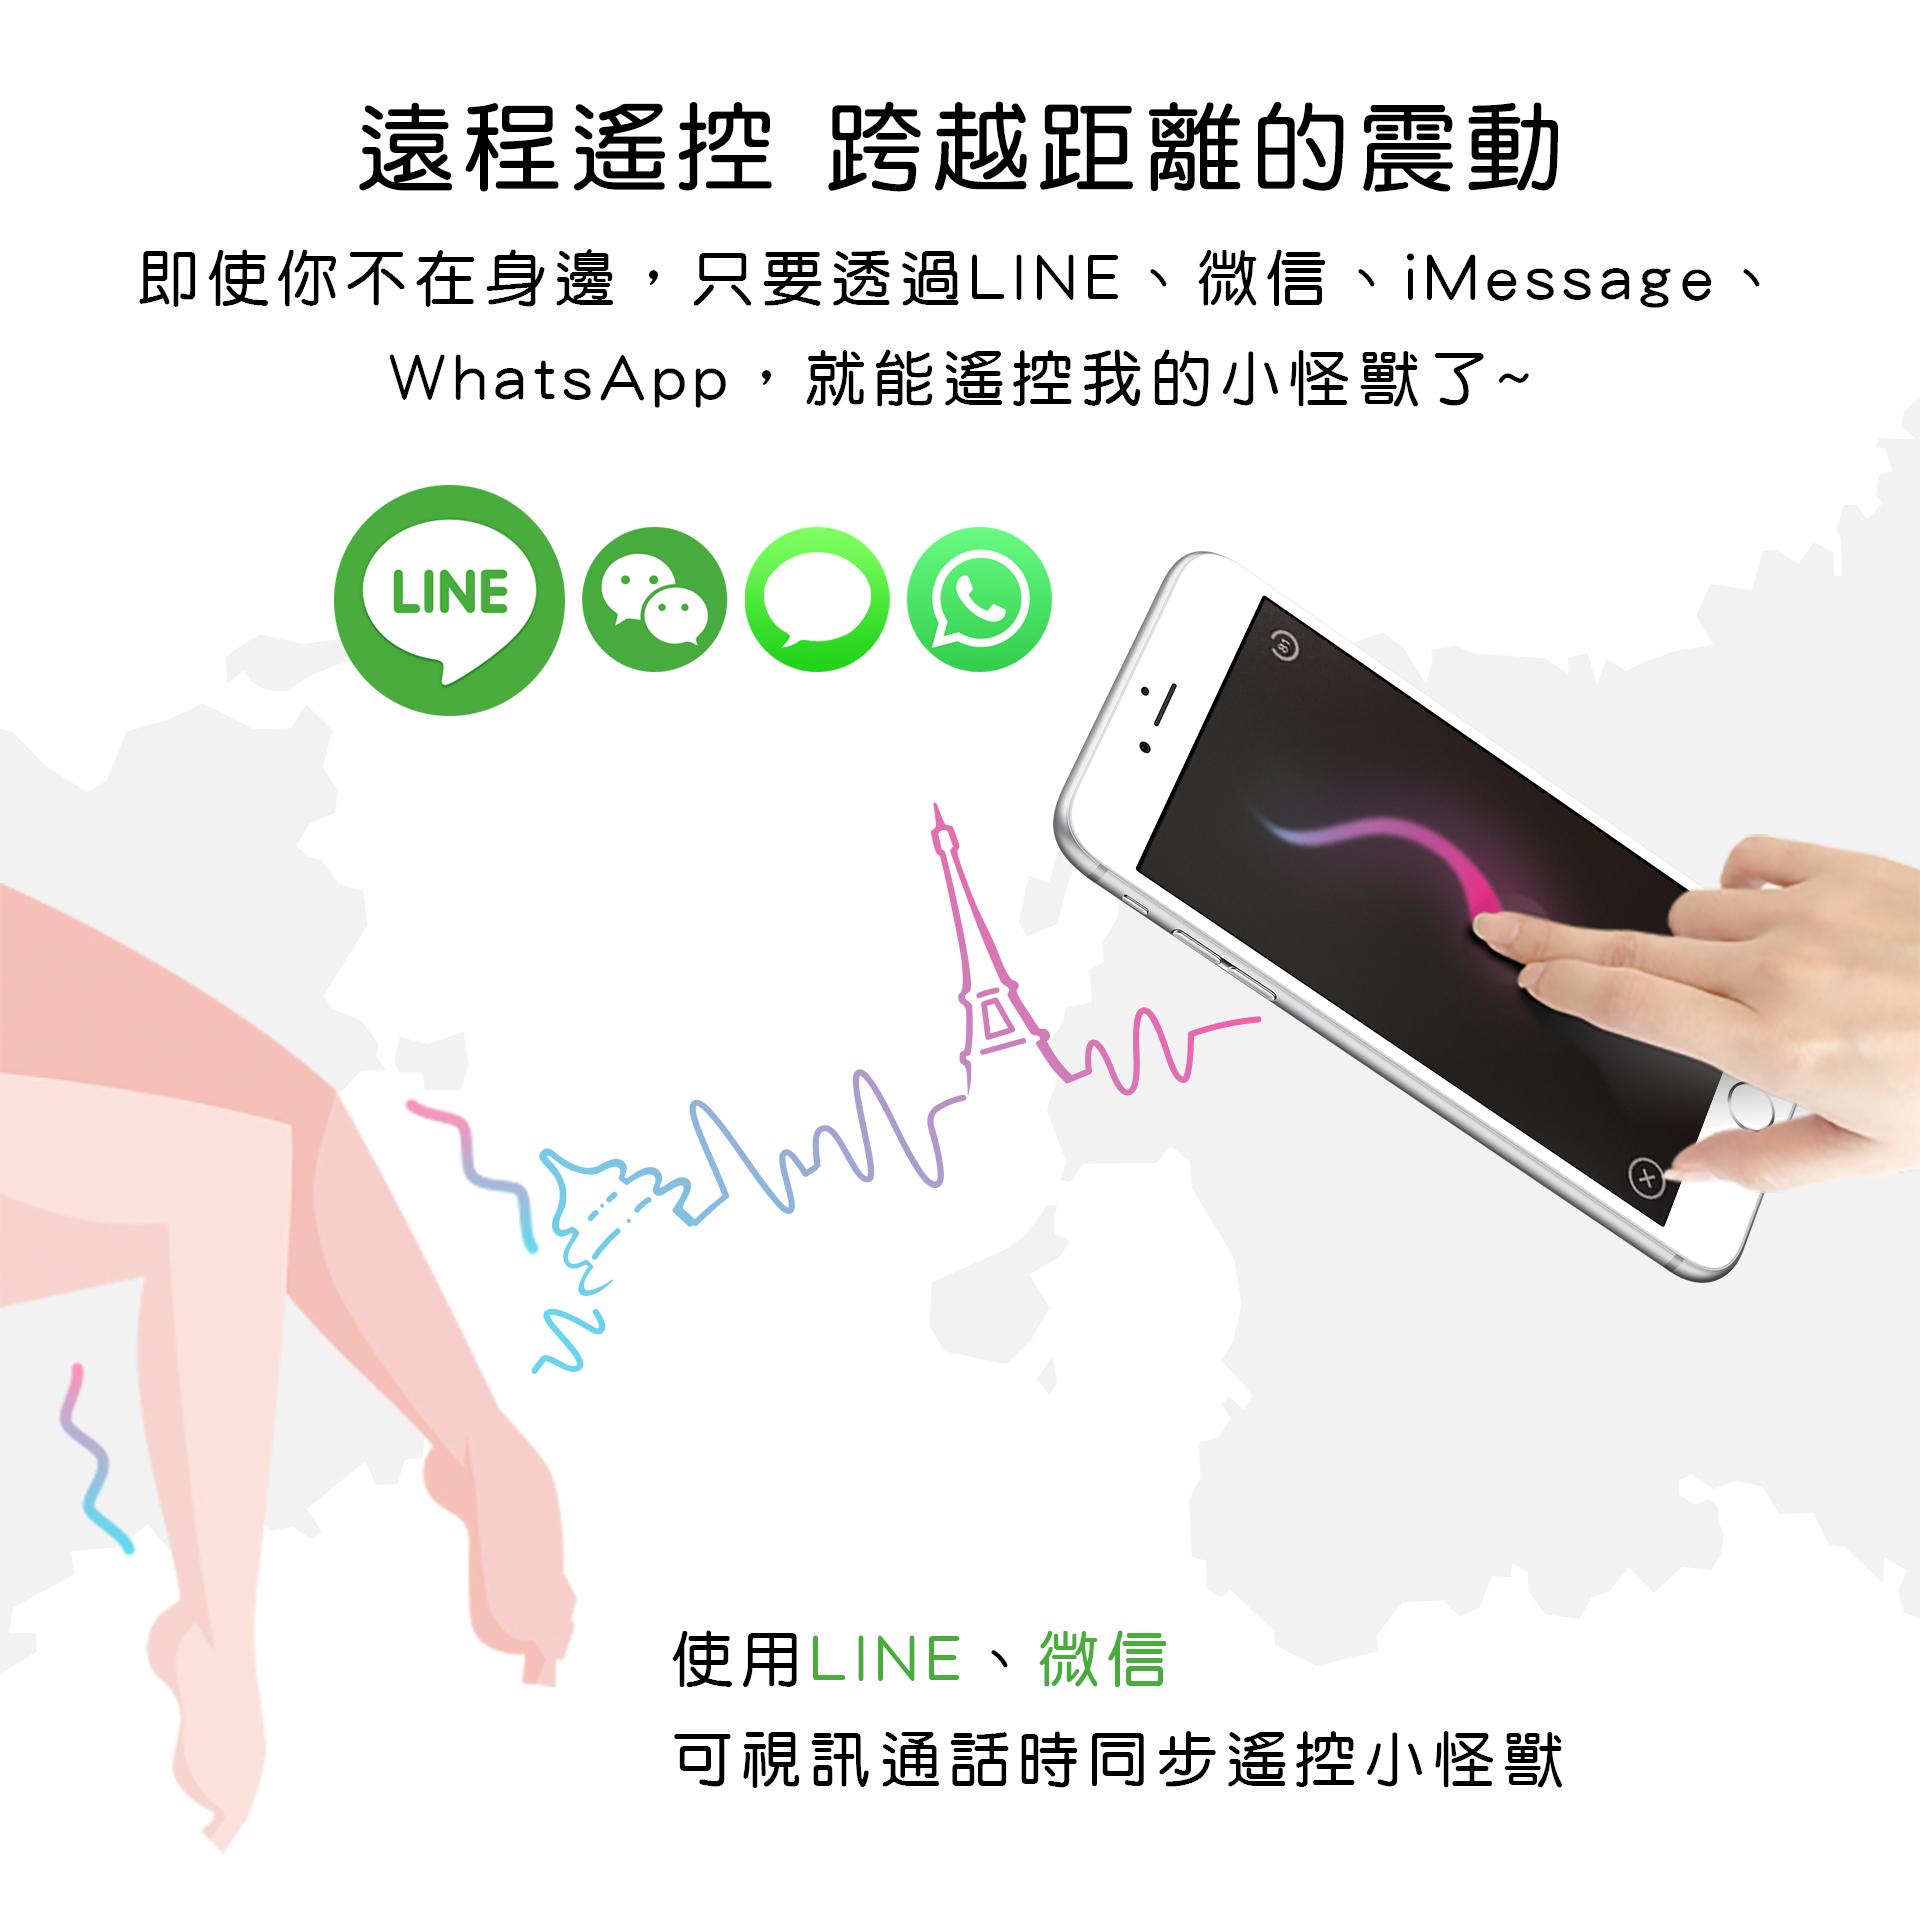 無線 app